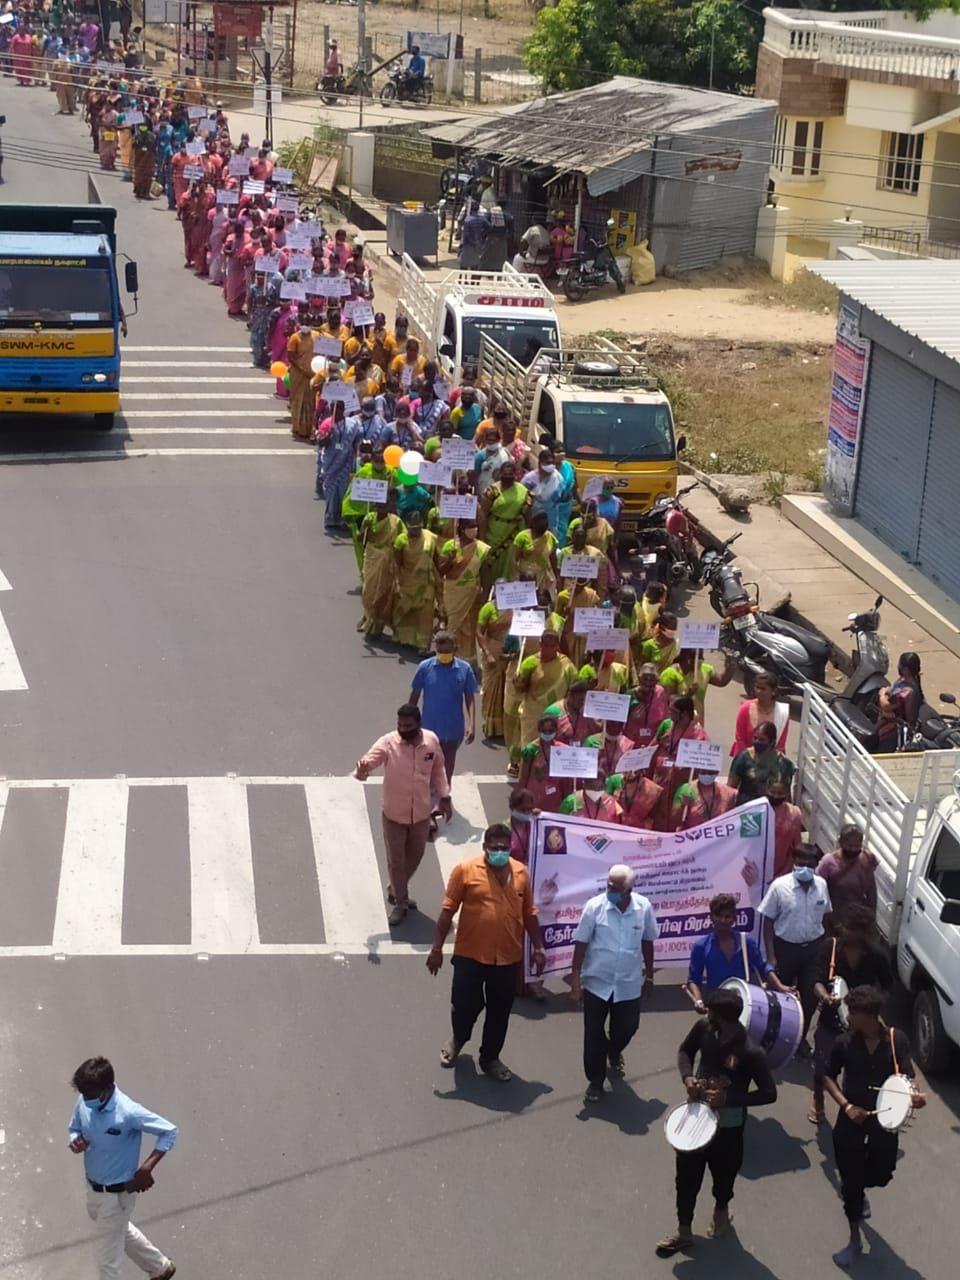 TNLA2021 - 97 Kumarapalayam - Voters Awareness Programme - kuppandapalayam Panchayat on 26_03_2021 (14).jpeg